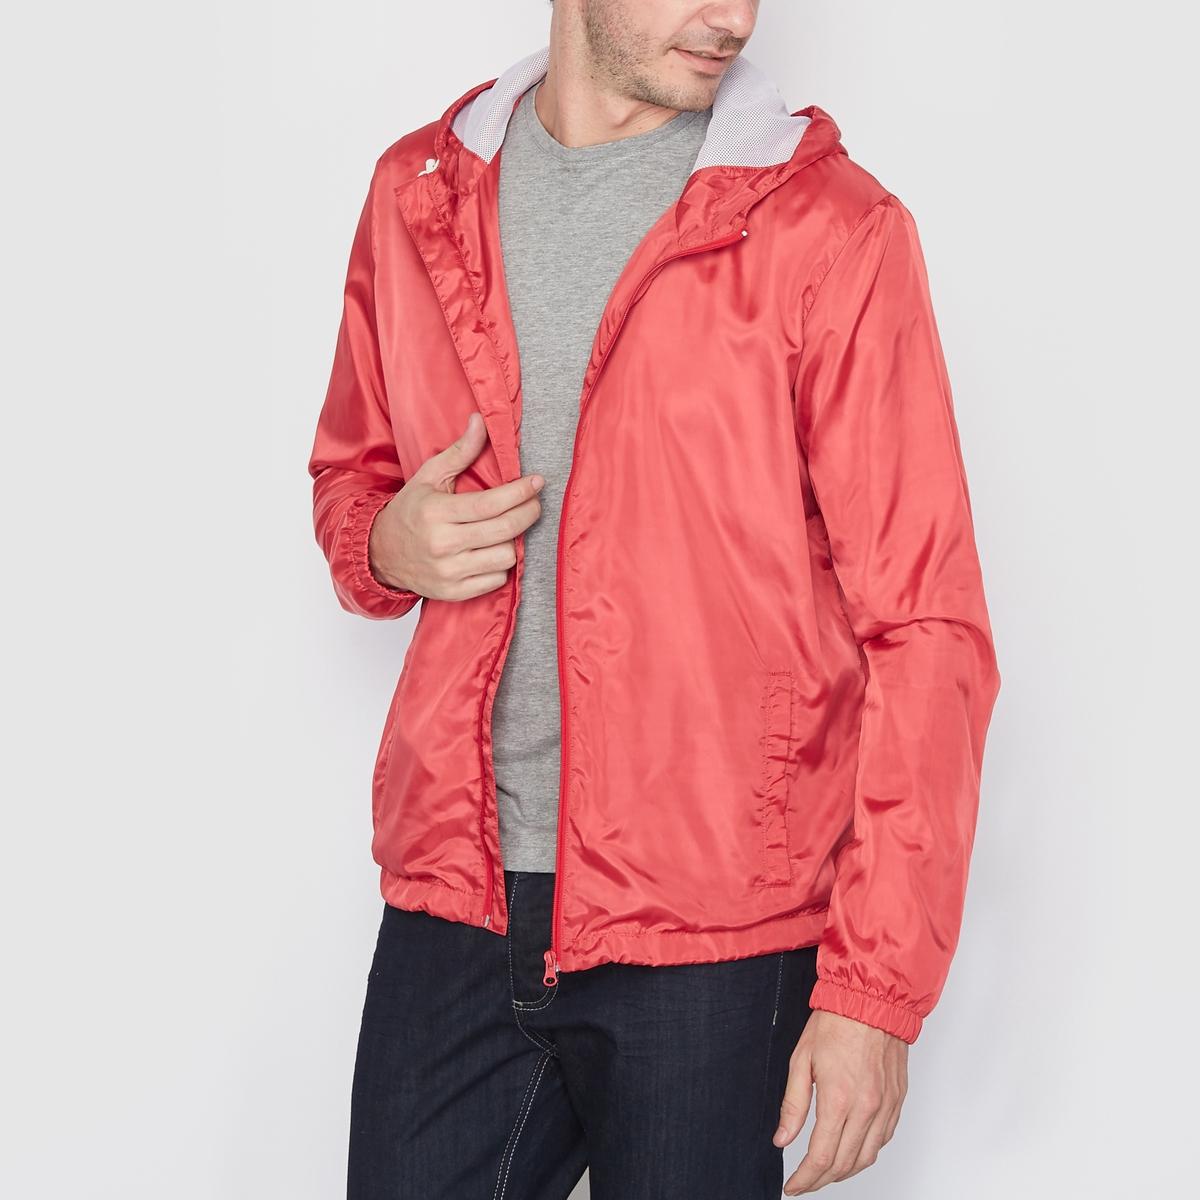 Куртка-ветровка на молнии с капюшономКуртка-ветровка, 100% полиэстера . Капюшон с завязками . Застежка на молнию . 2 кармана по бокам . Длина 70 см .<br><br>Цвет: коралловый<br>Размер: XS.XL